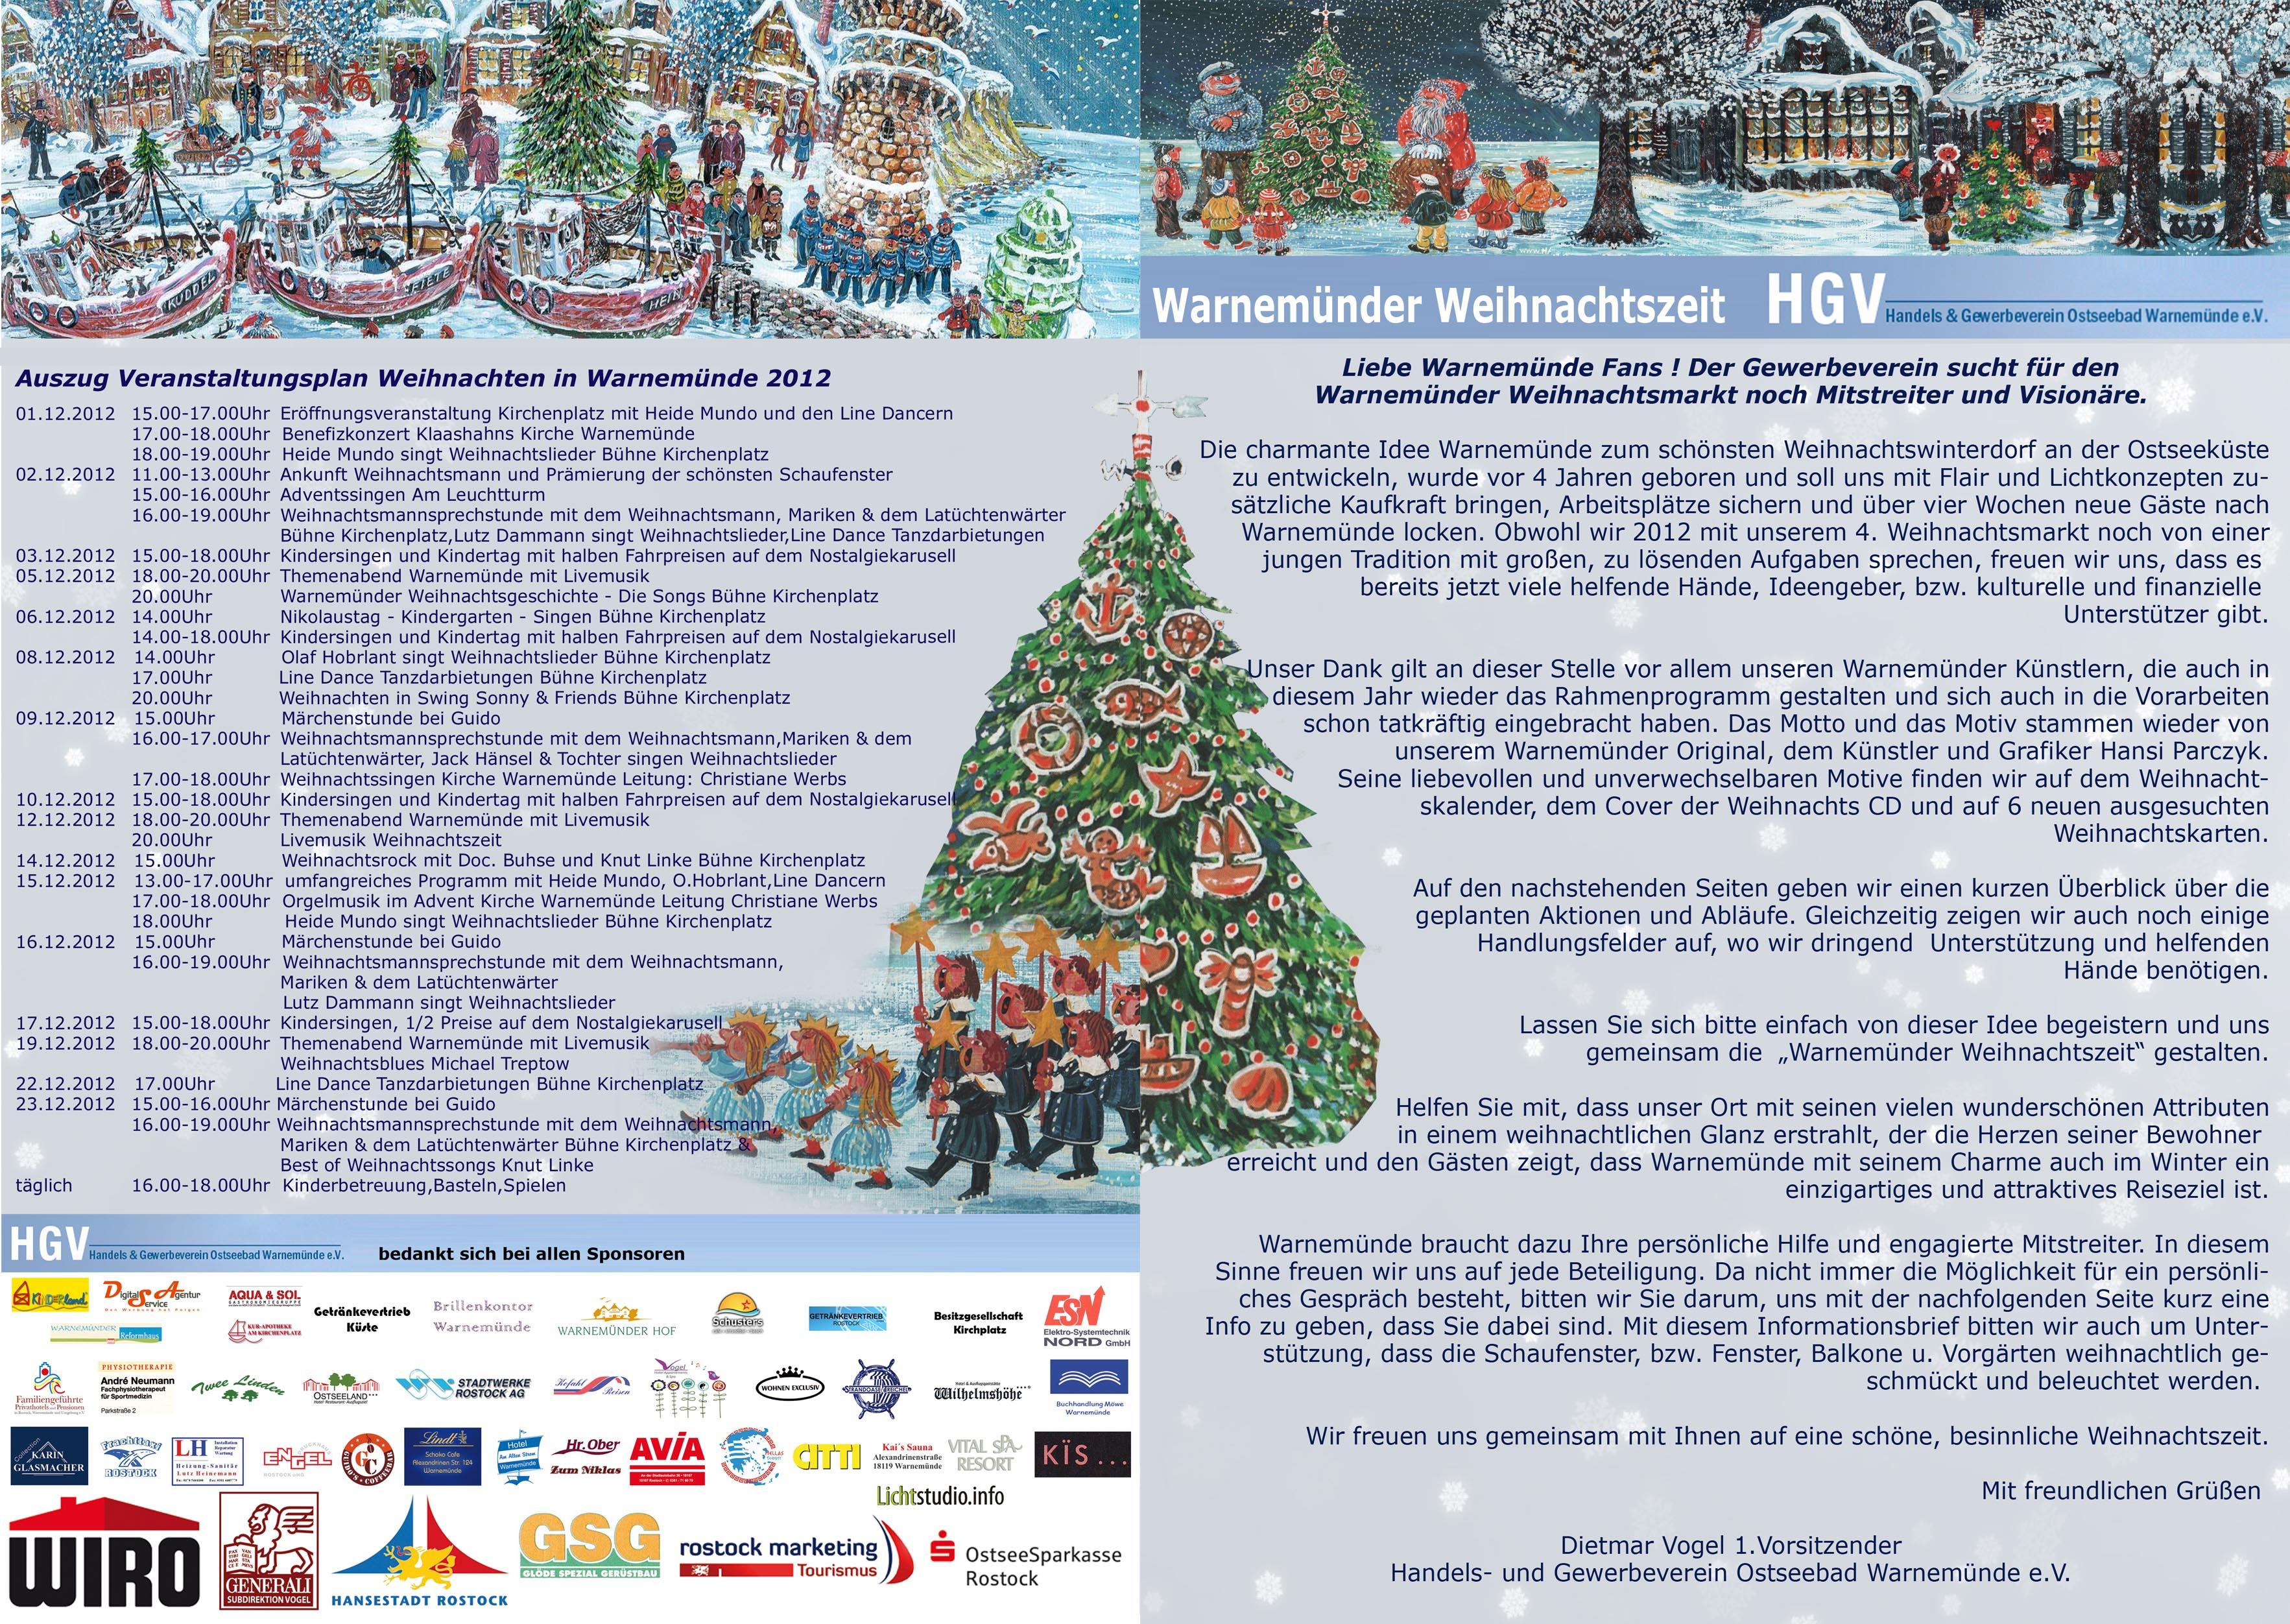 Programm Weihnachtsmarkt Warnemünde 2012